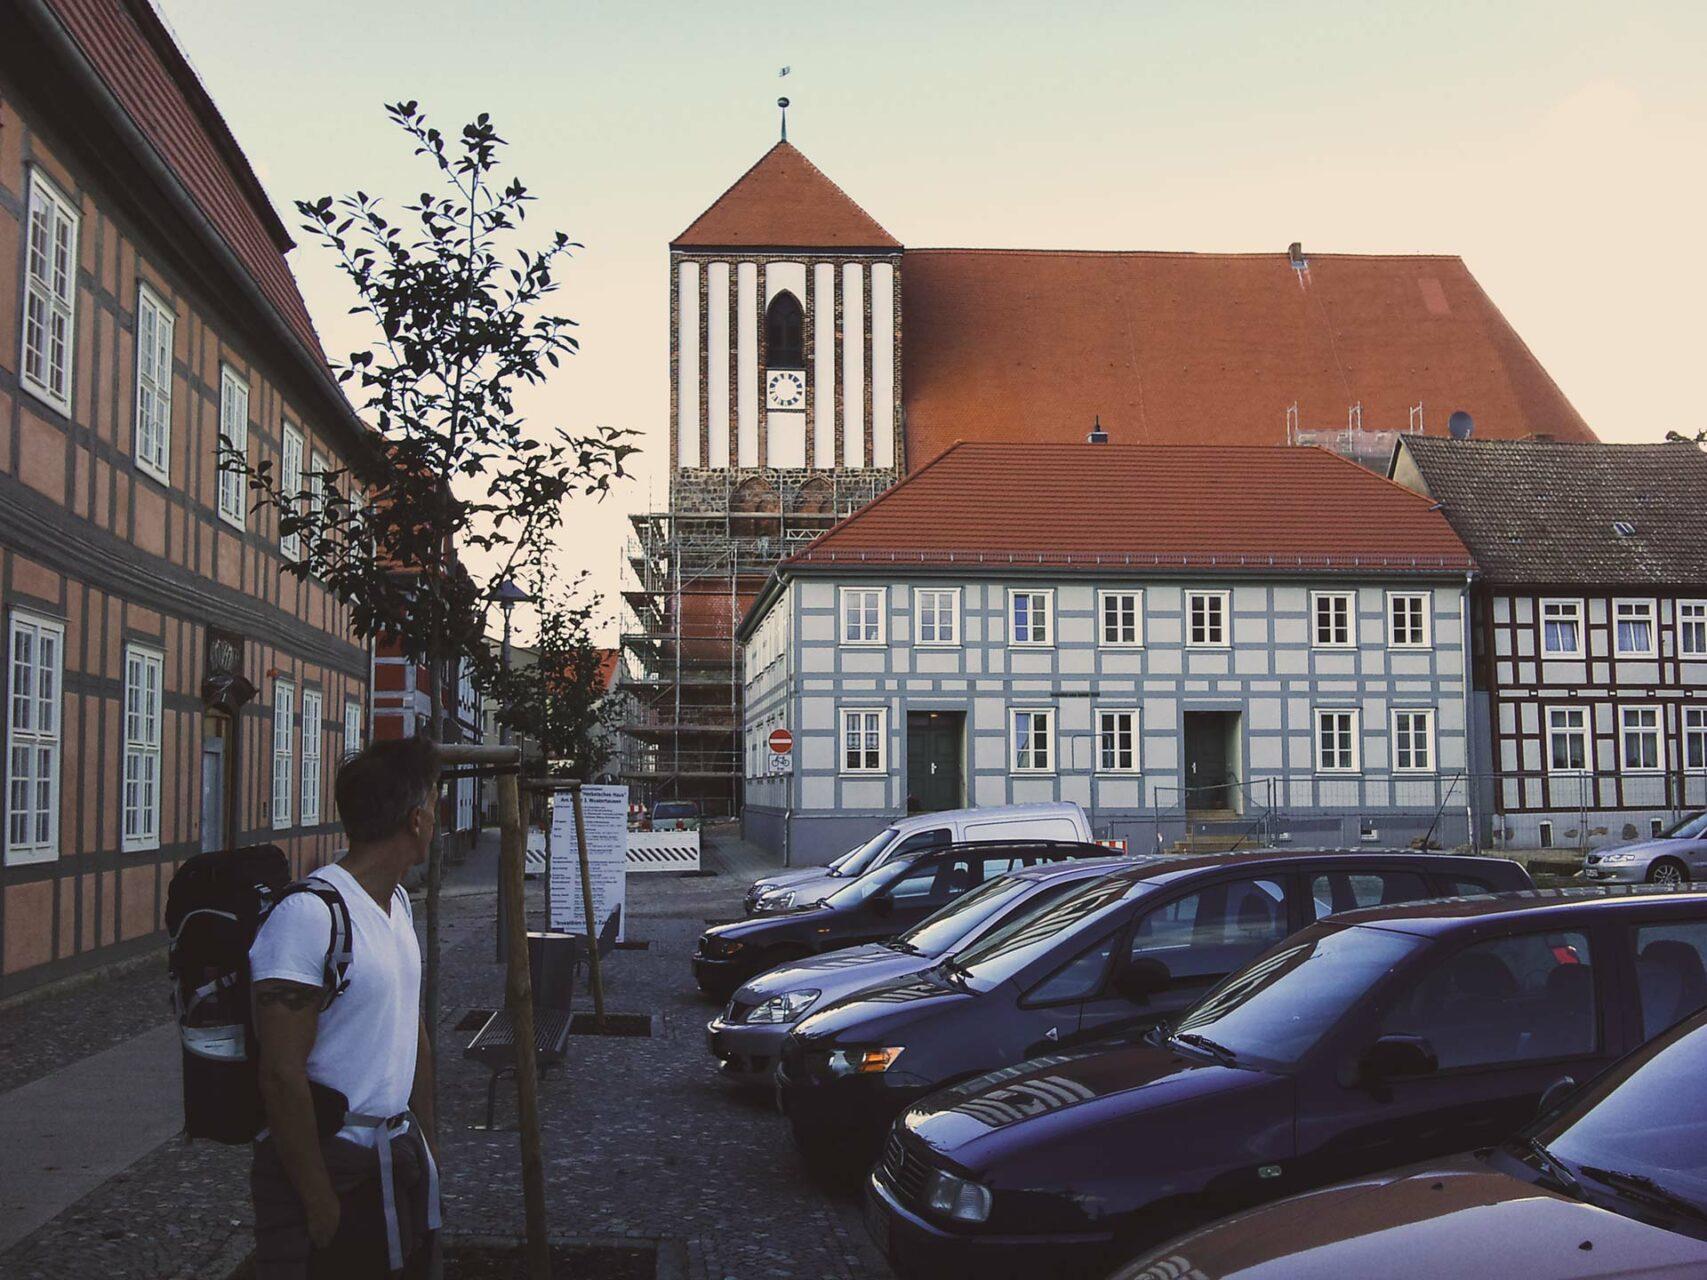 Die mächtige Kirche St. Peter und Paul in Wusterhausen. Nach den kleinen Feldsteinkirchen der letzten Tage muss man schon zweimal hinschauen, um die ganzen Ausmaße zu erfassen.